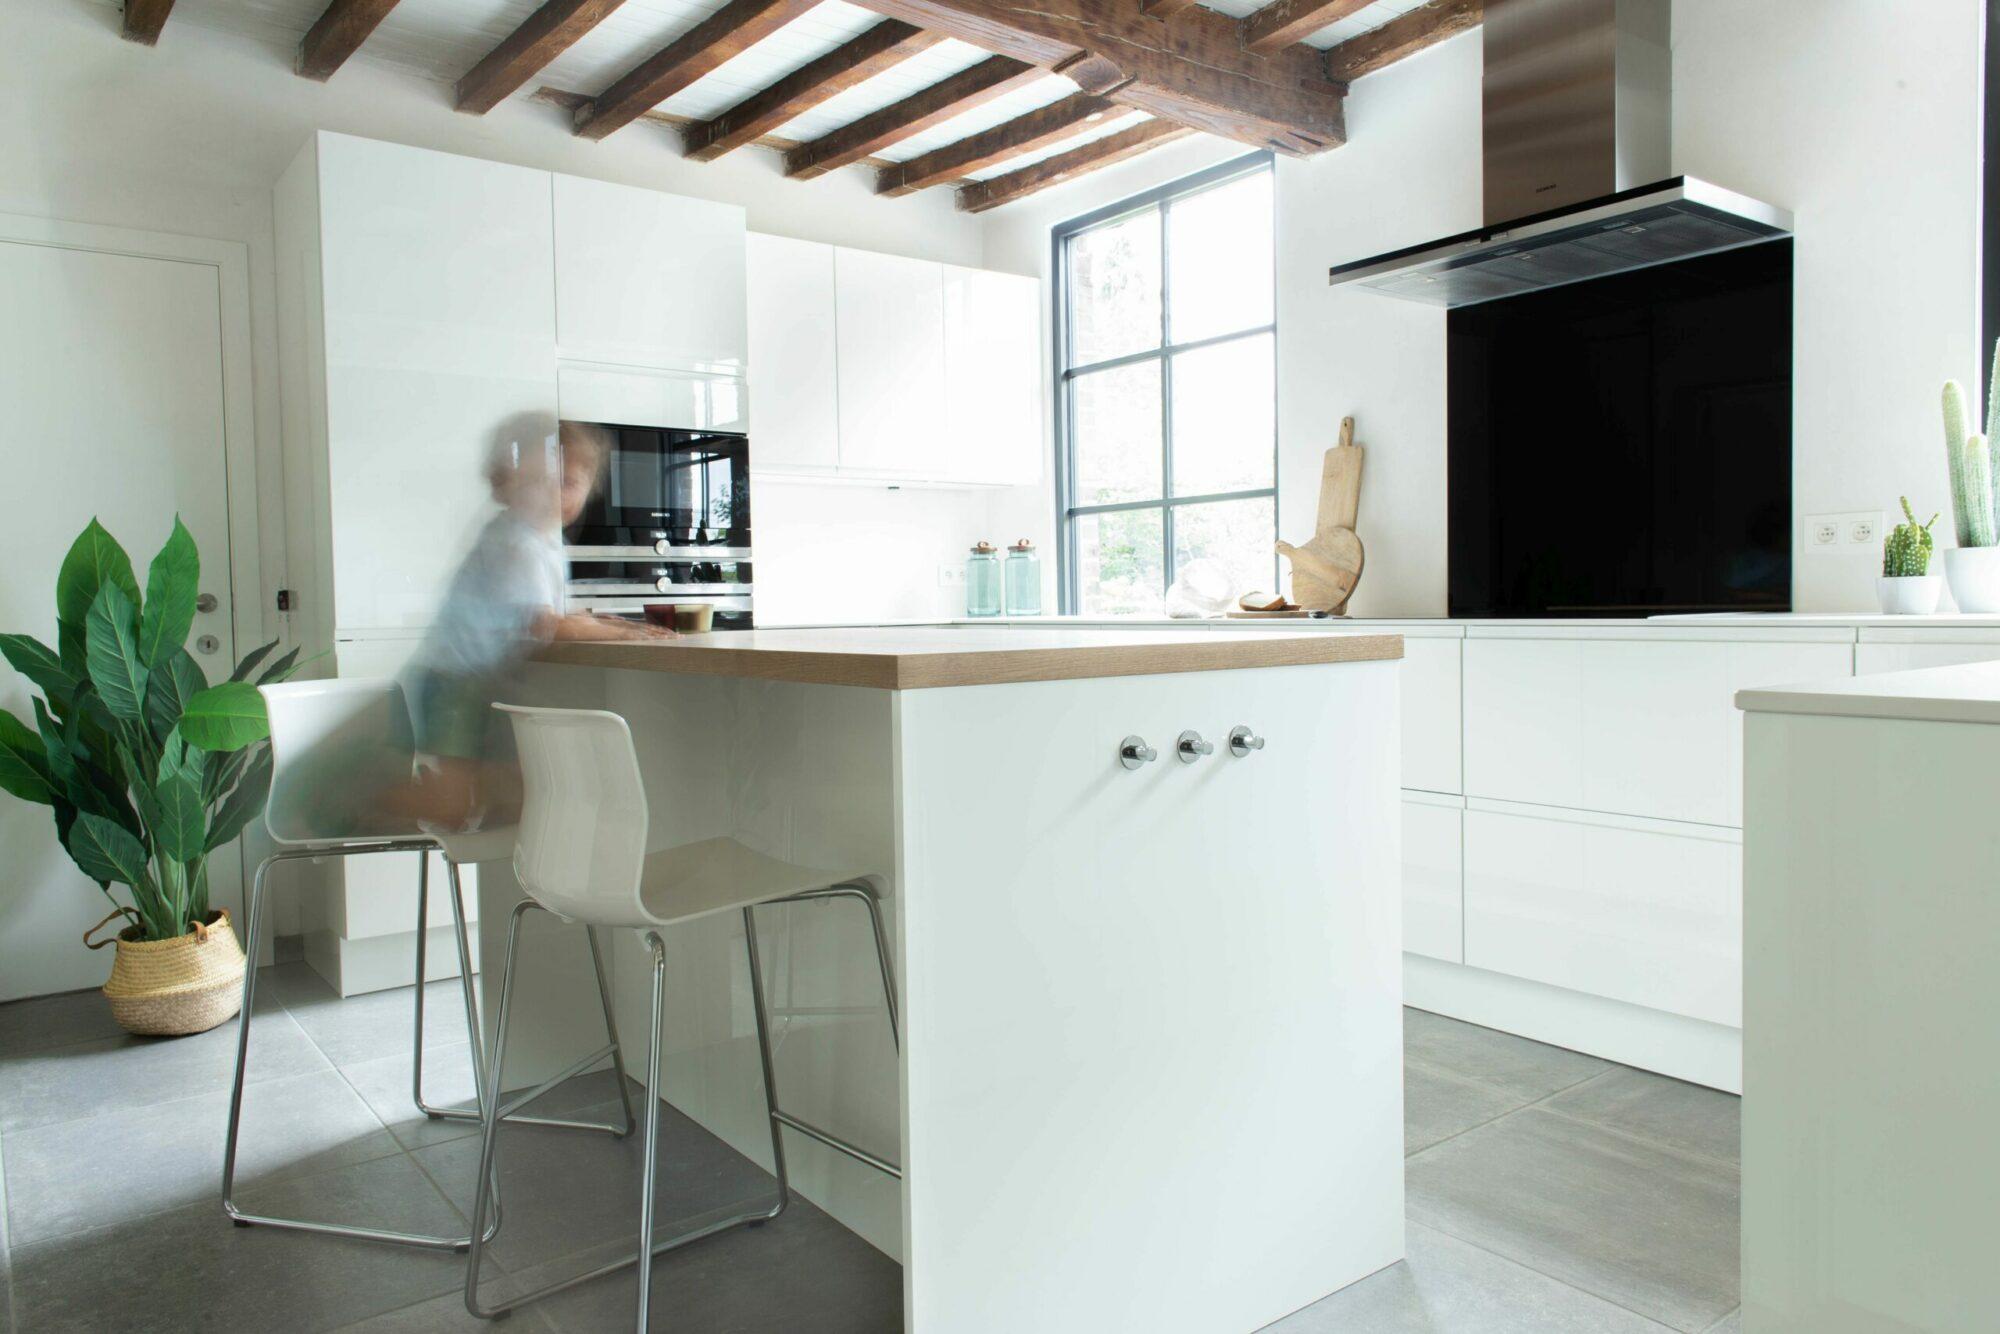 Zo creëer je meer ruimte in een kleine keuken: kleine keuken inrichten